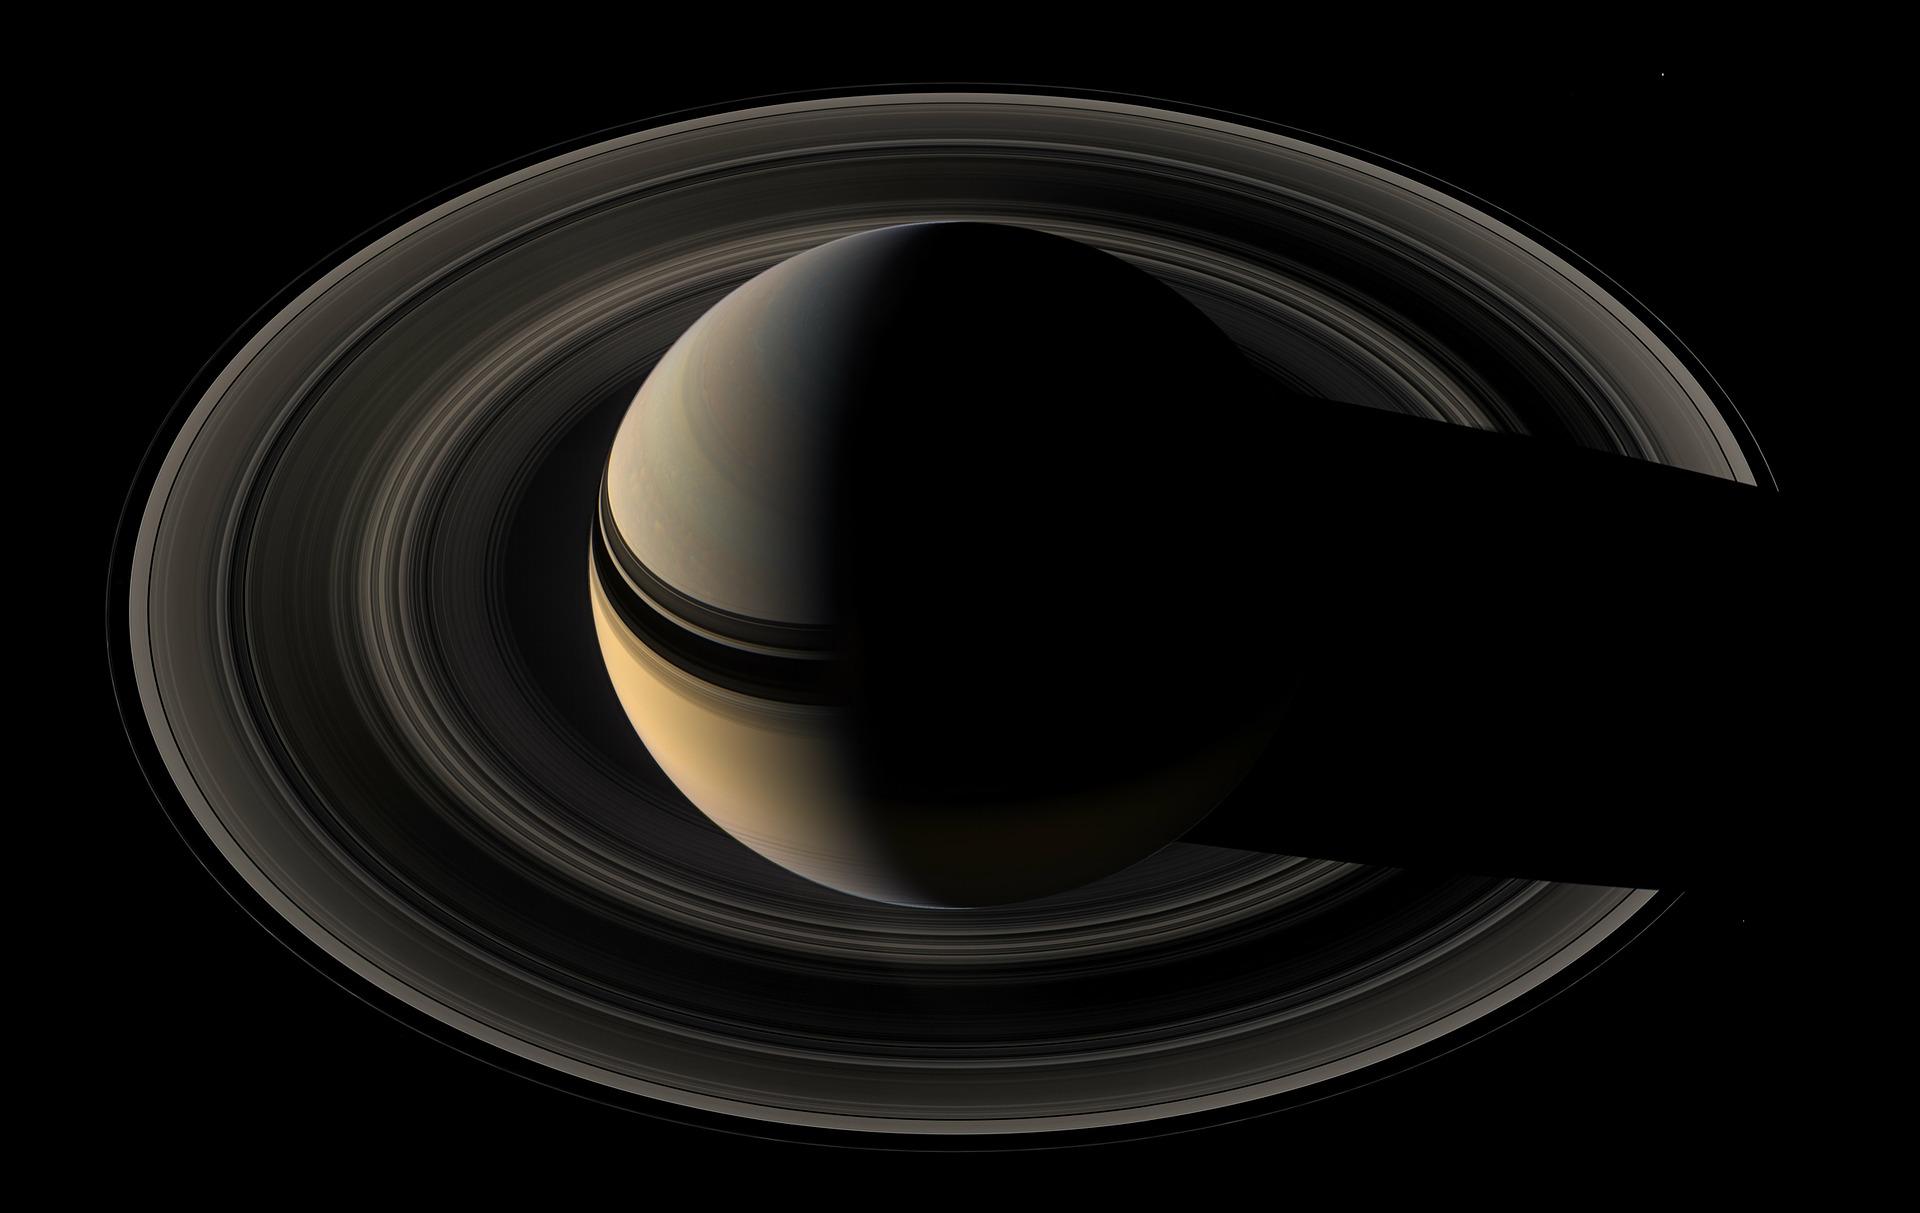 Saturn mit seinen eindrucksvollen Ringen